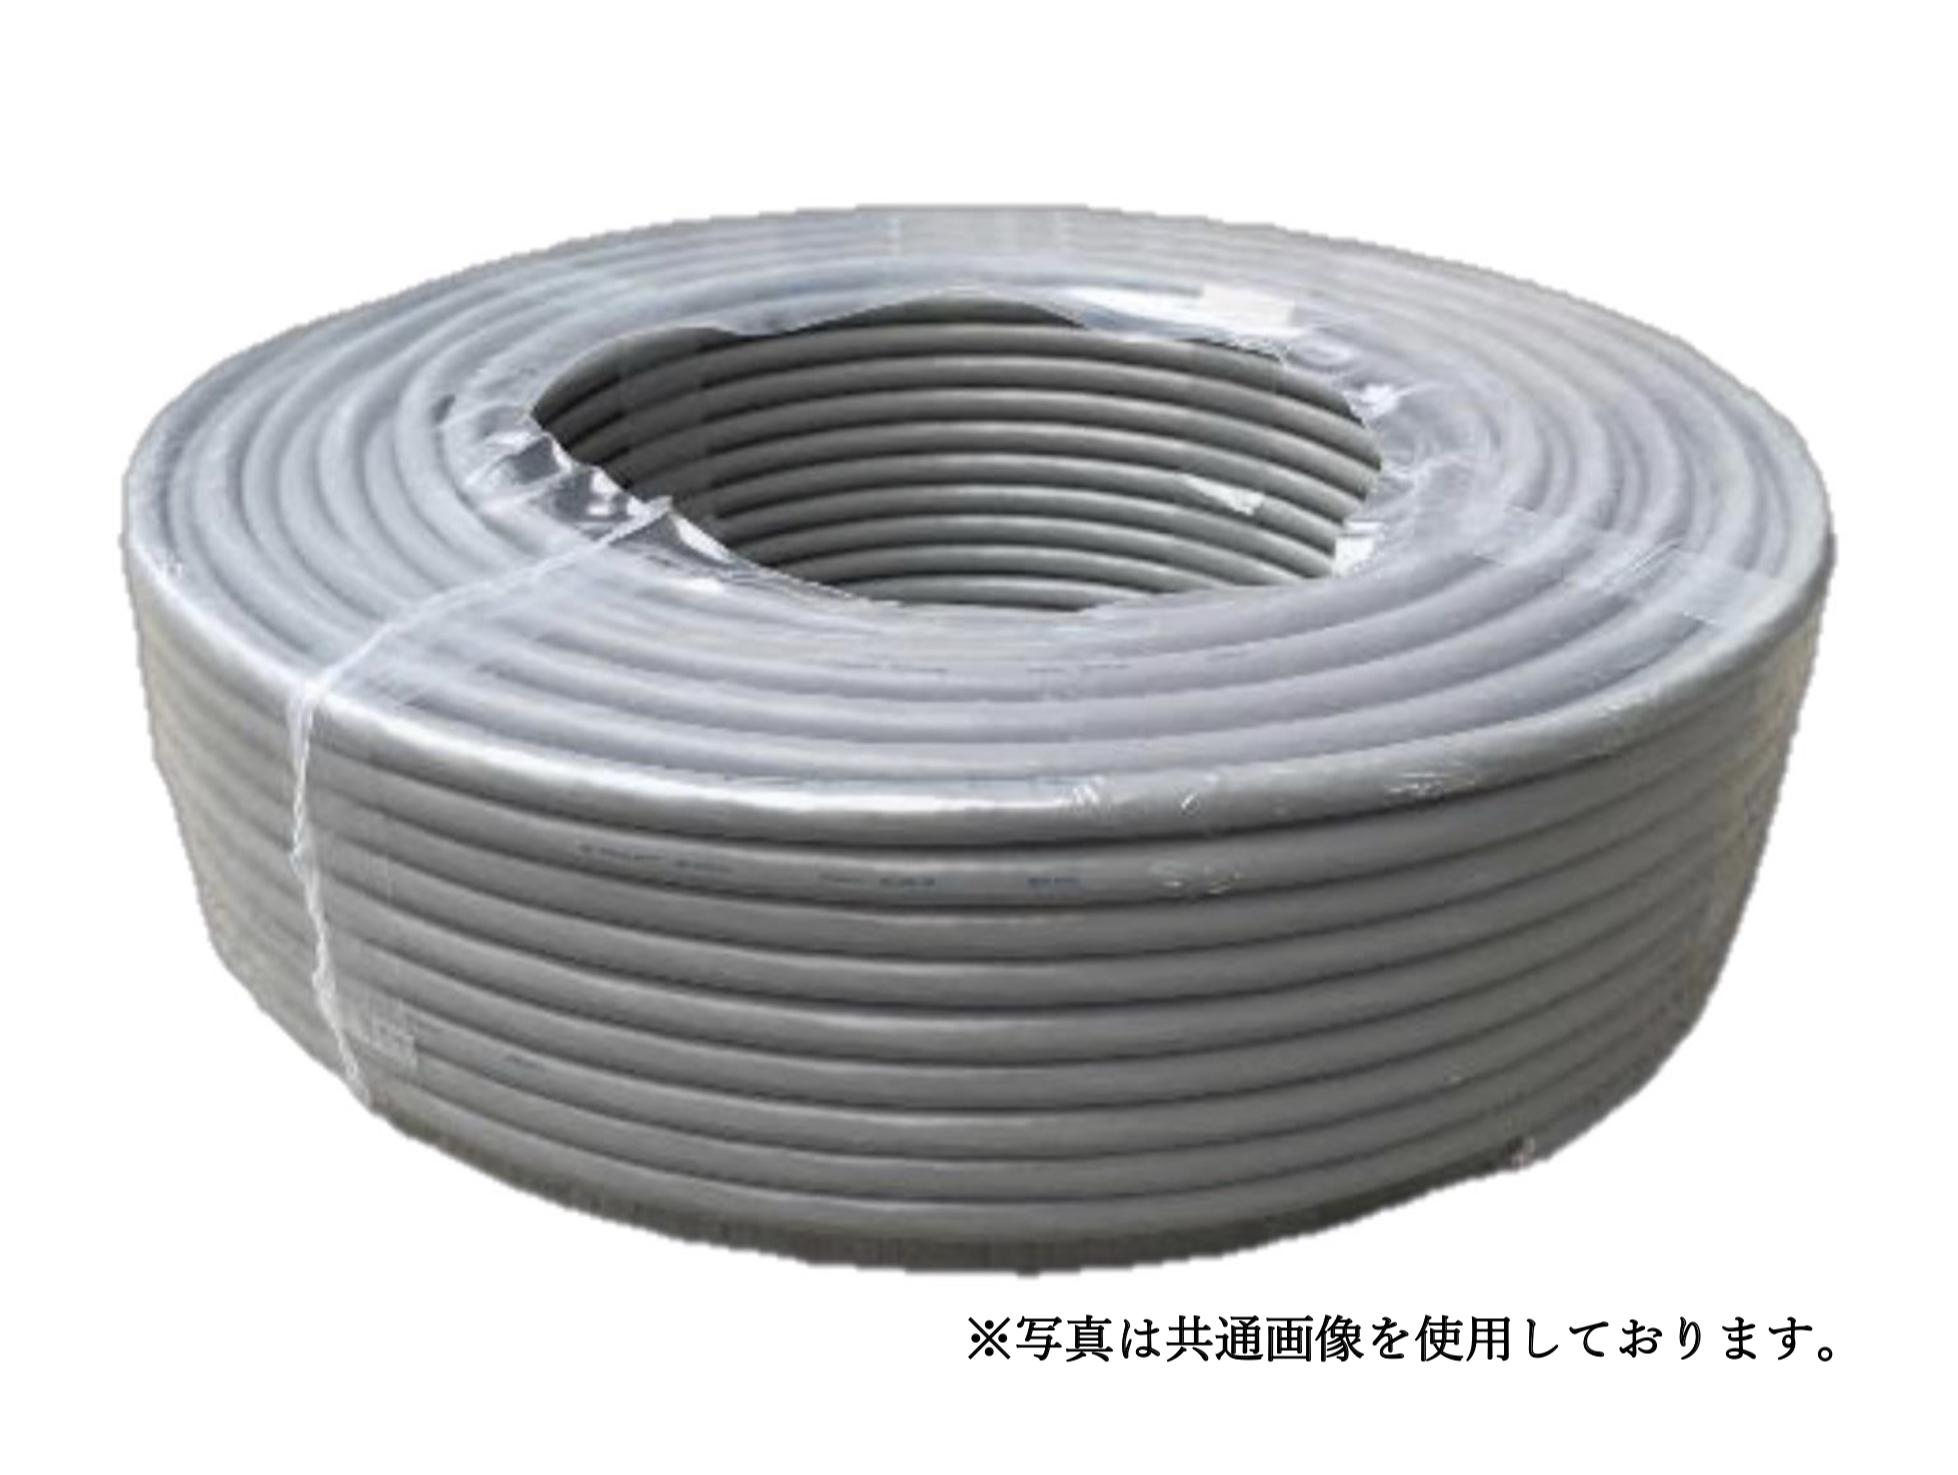 富士電線工業 VCTF1.25sq×20心 100m巻 1巻 300V VCTF 1.25sq 20心 ビニル絶縁キャブタイヤケーブル